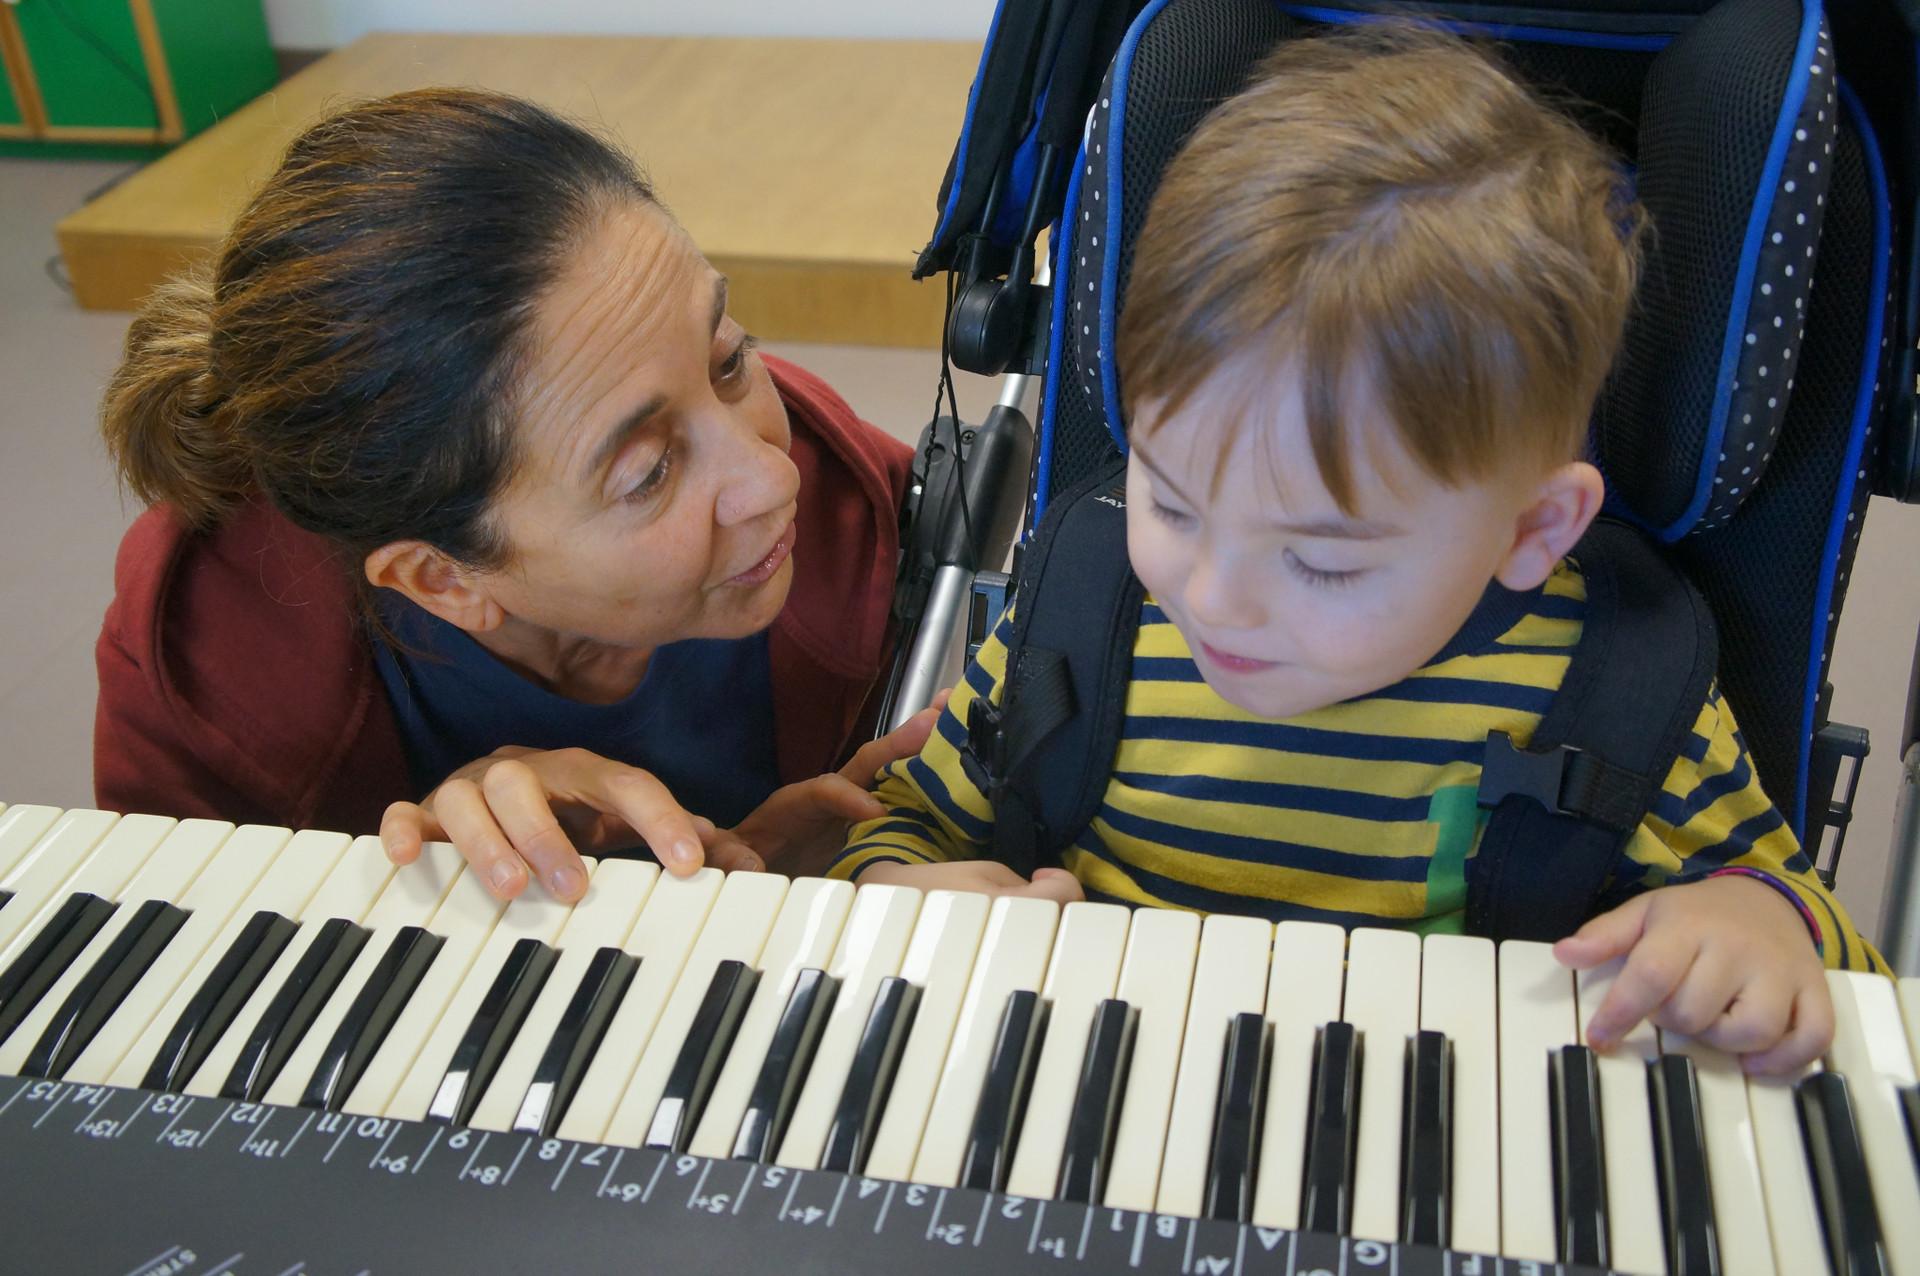 Fiammetta Musicoterapista del Centro di Osimo, insegna al piccolo Edoardo a suonare i tasti di un pianoforte